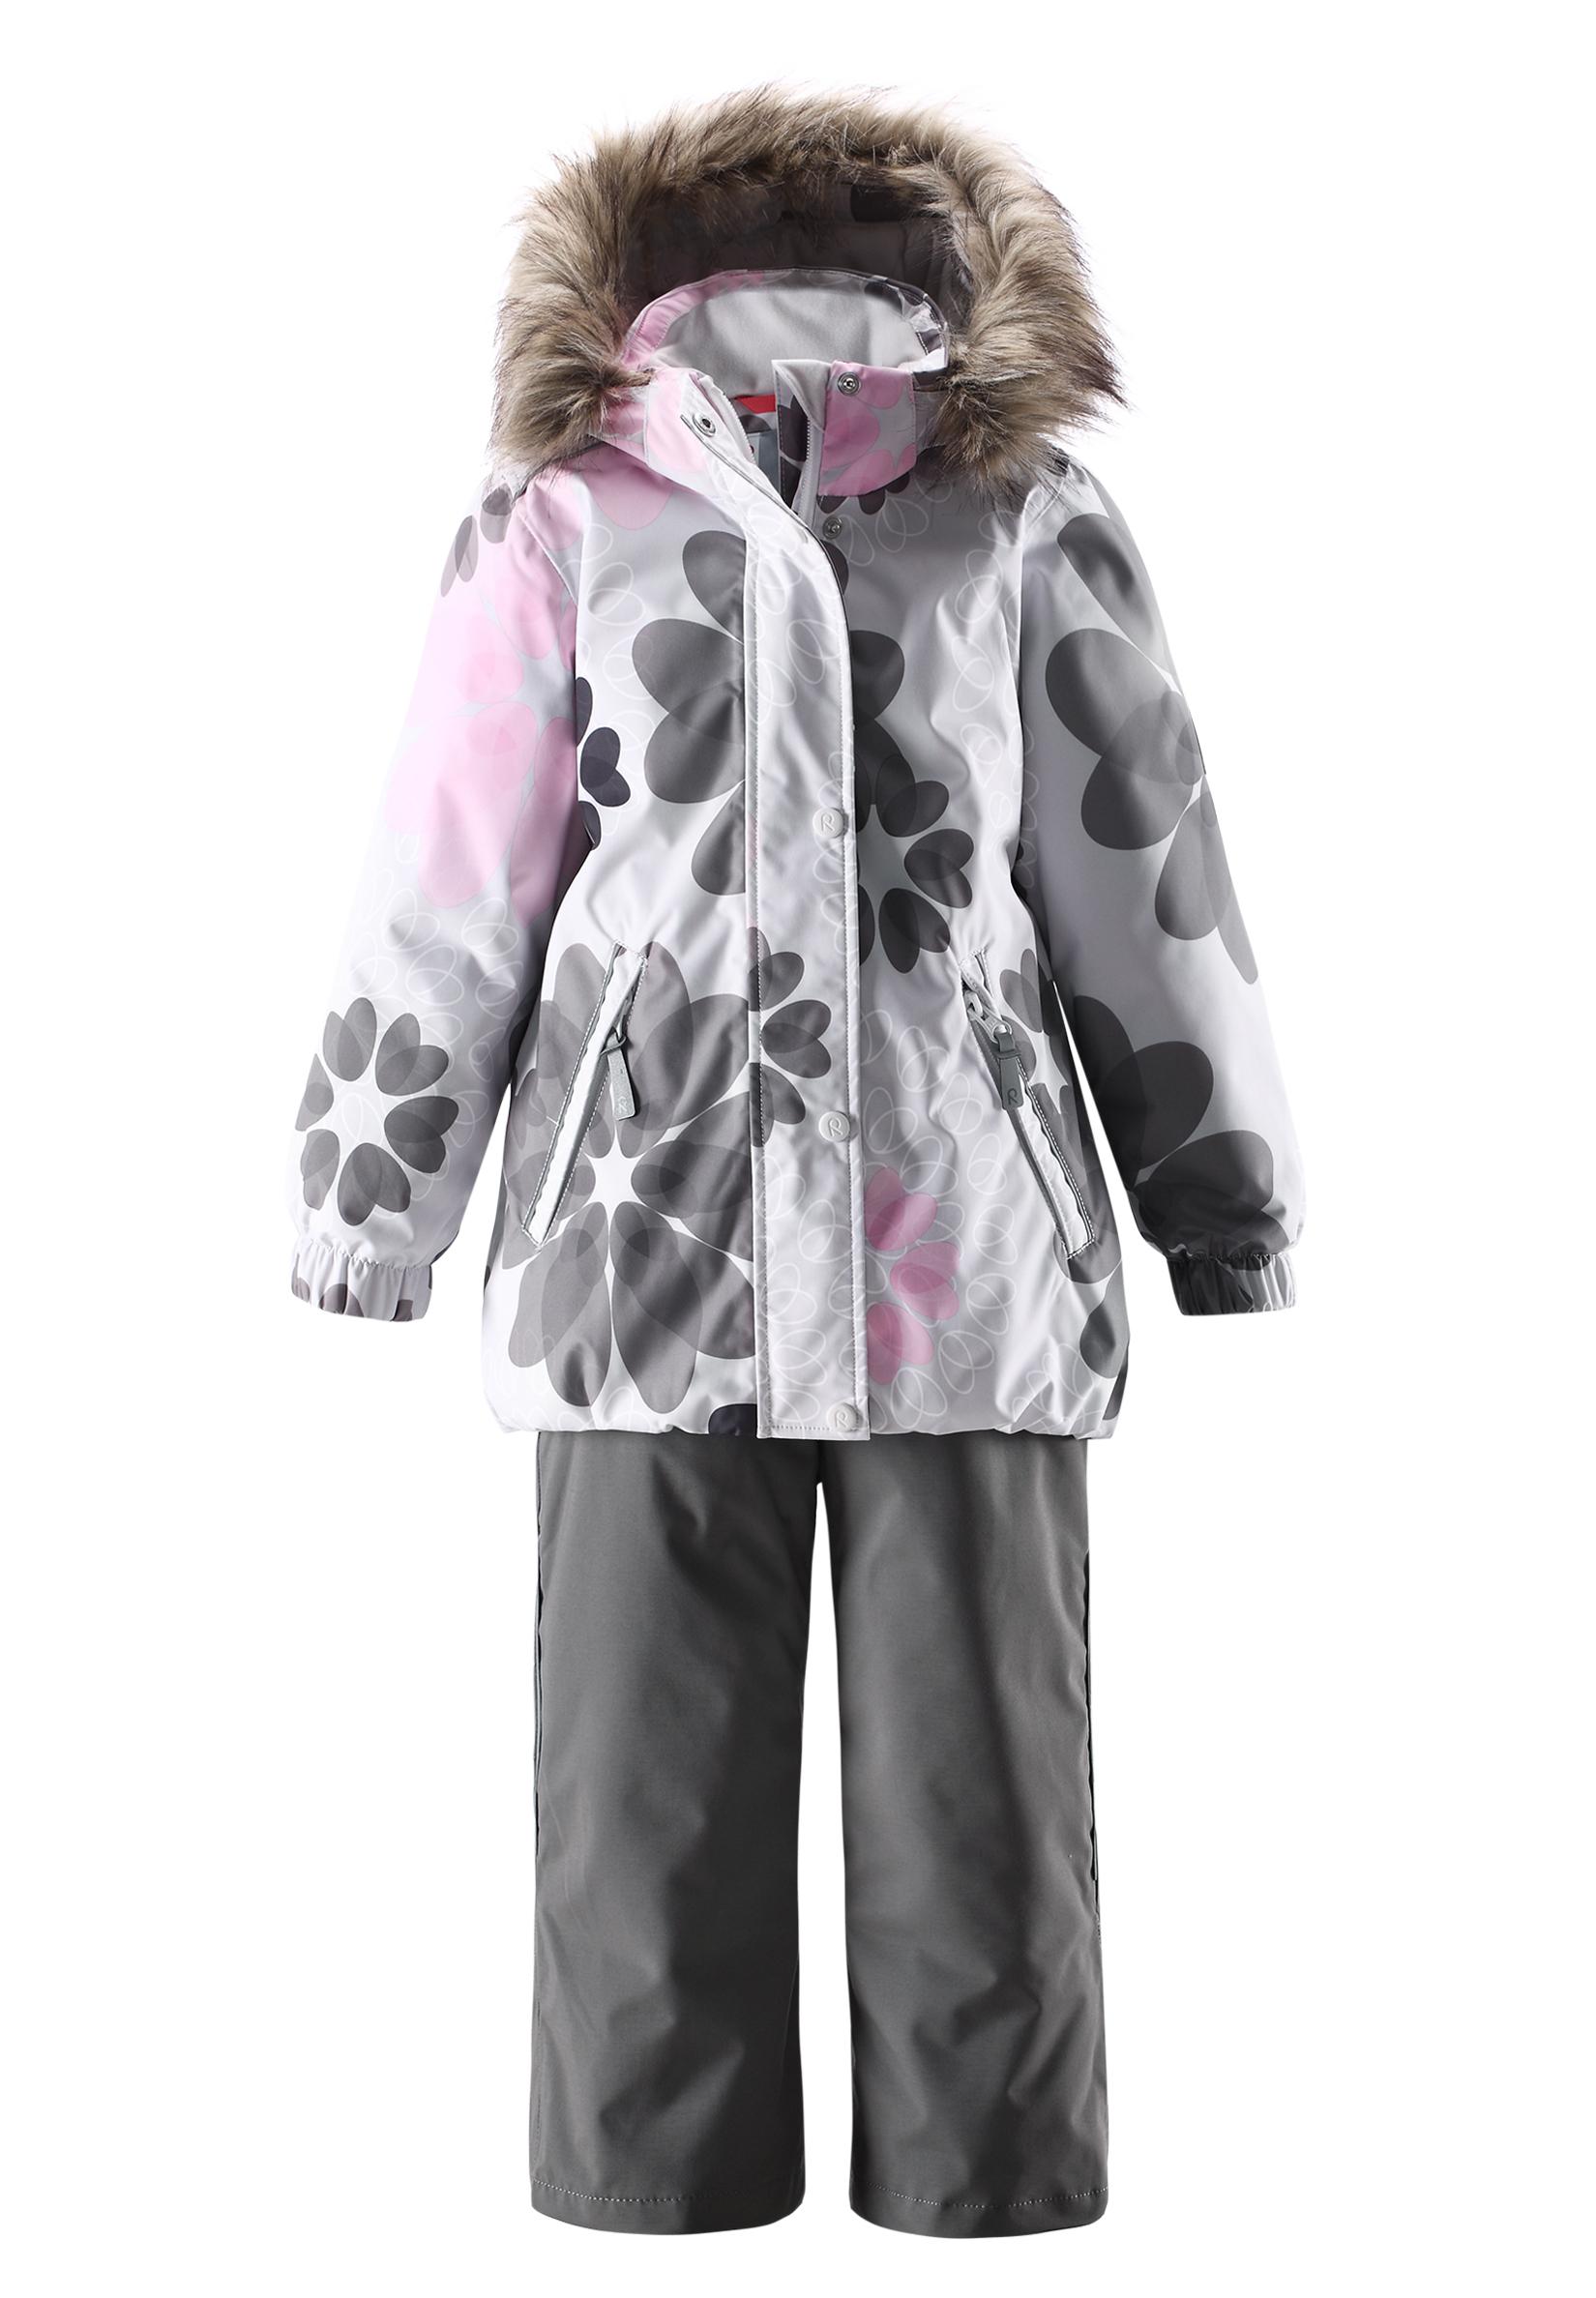 Костюм горнолыжный Reima 2015-16 Scenic pale grey Детская одежда 1197325  - купить со скидкой